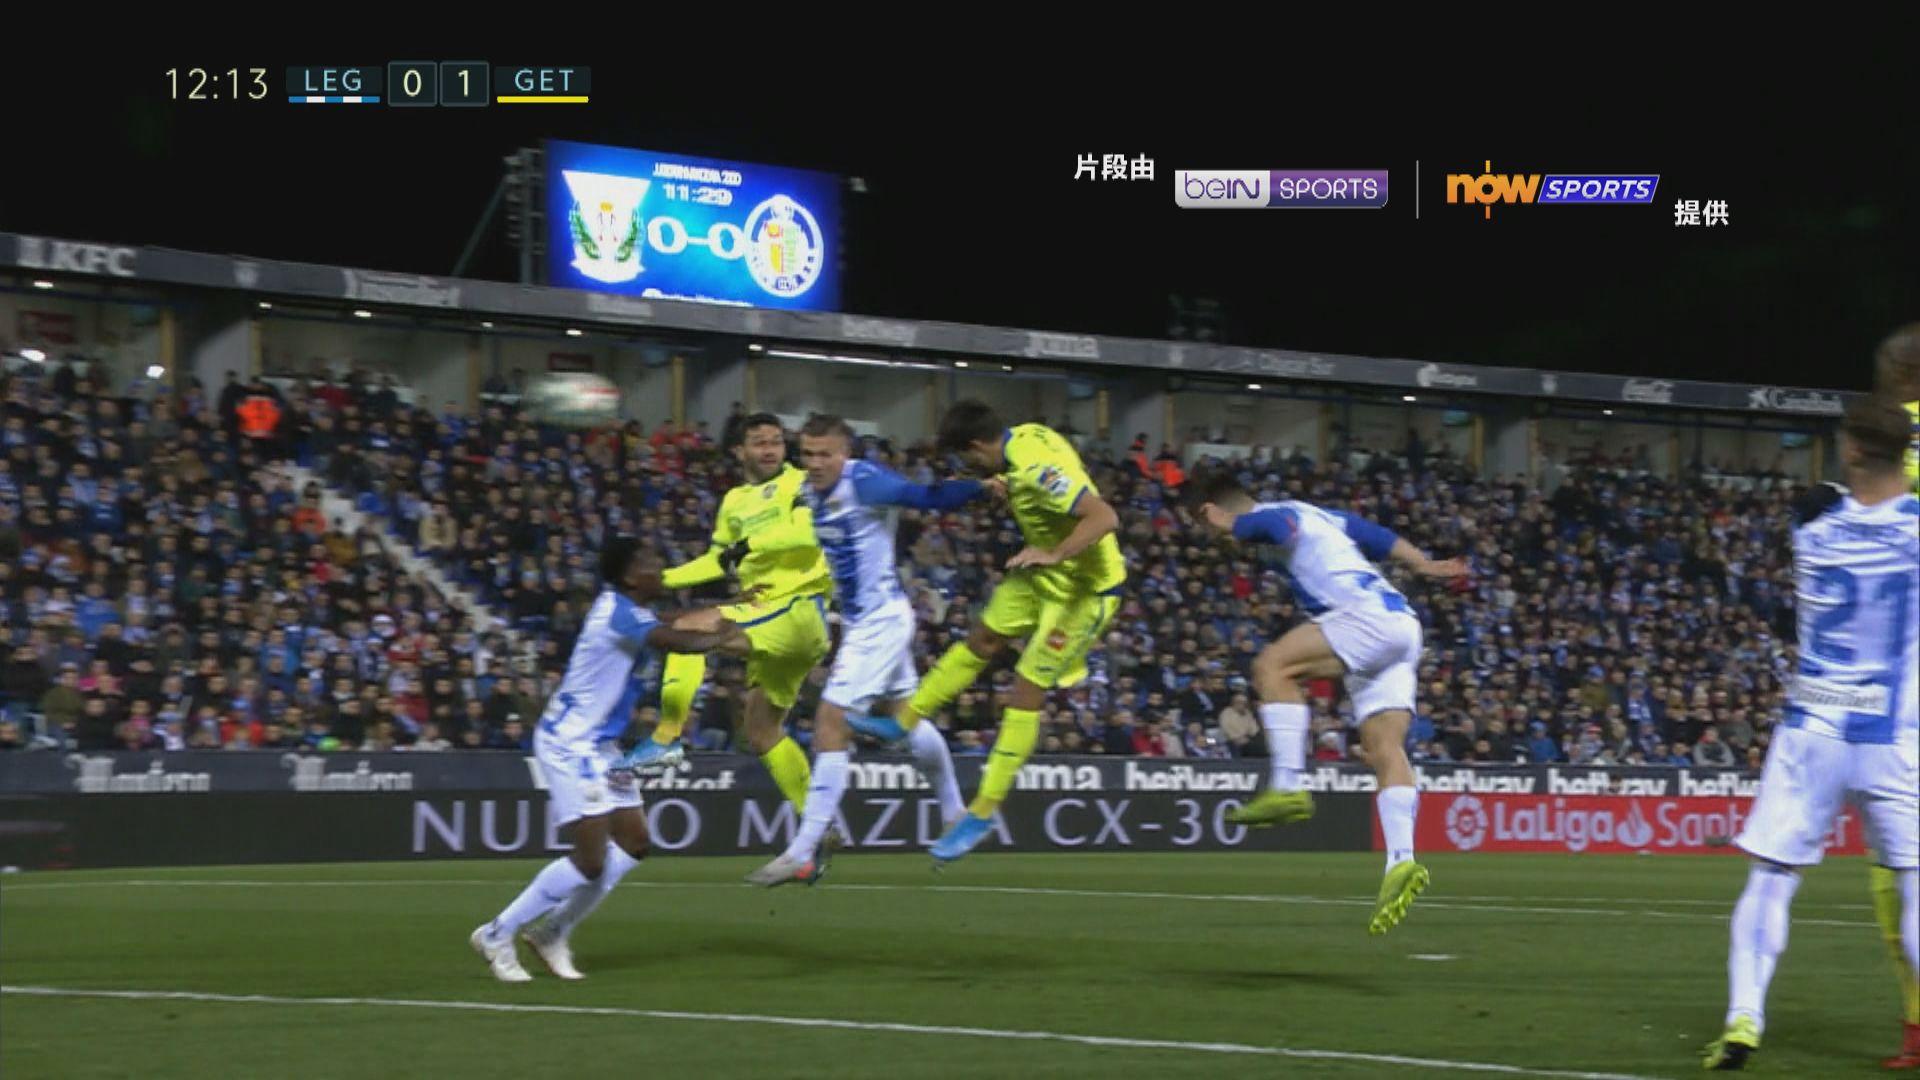 西甲 利根尼斯0 : 3基達菲